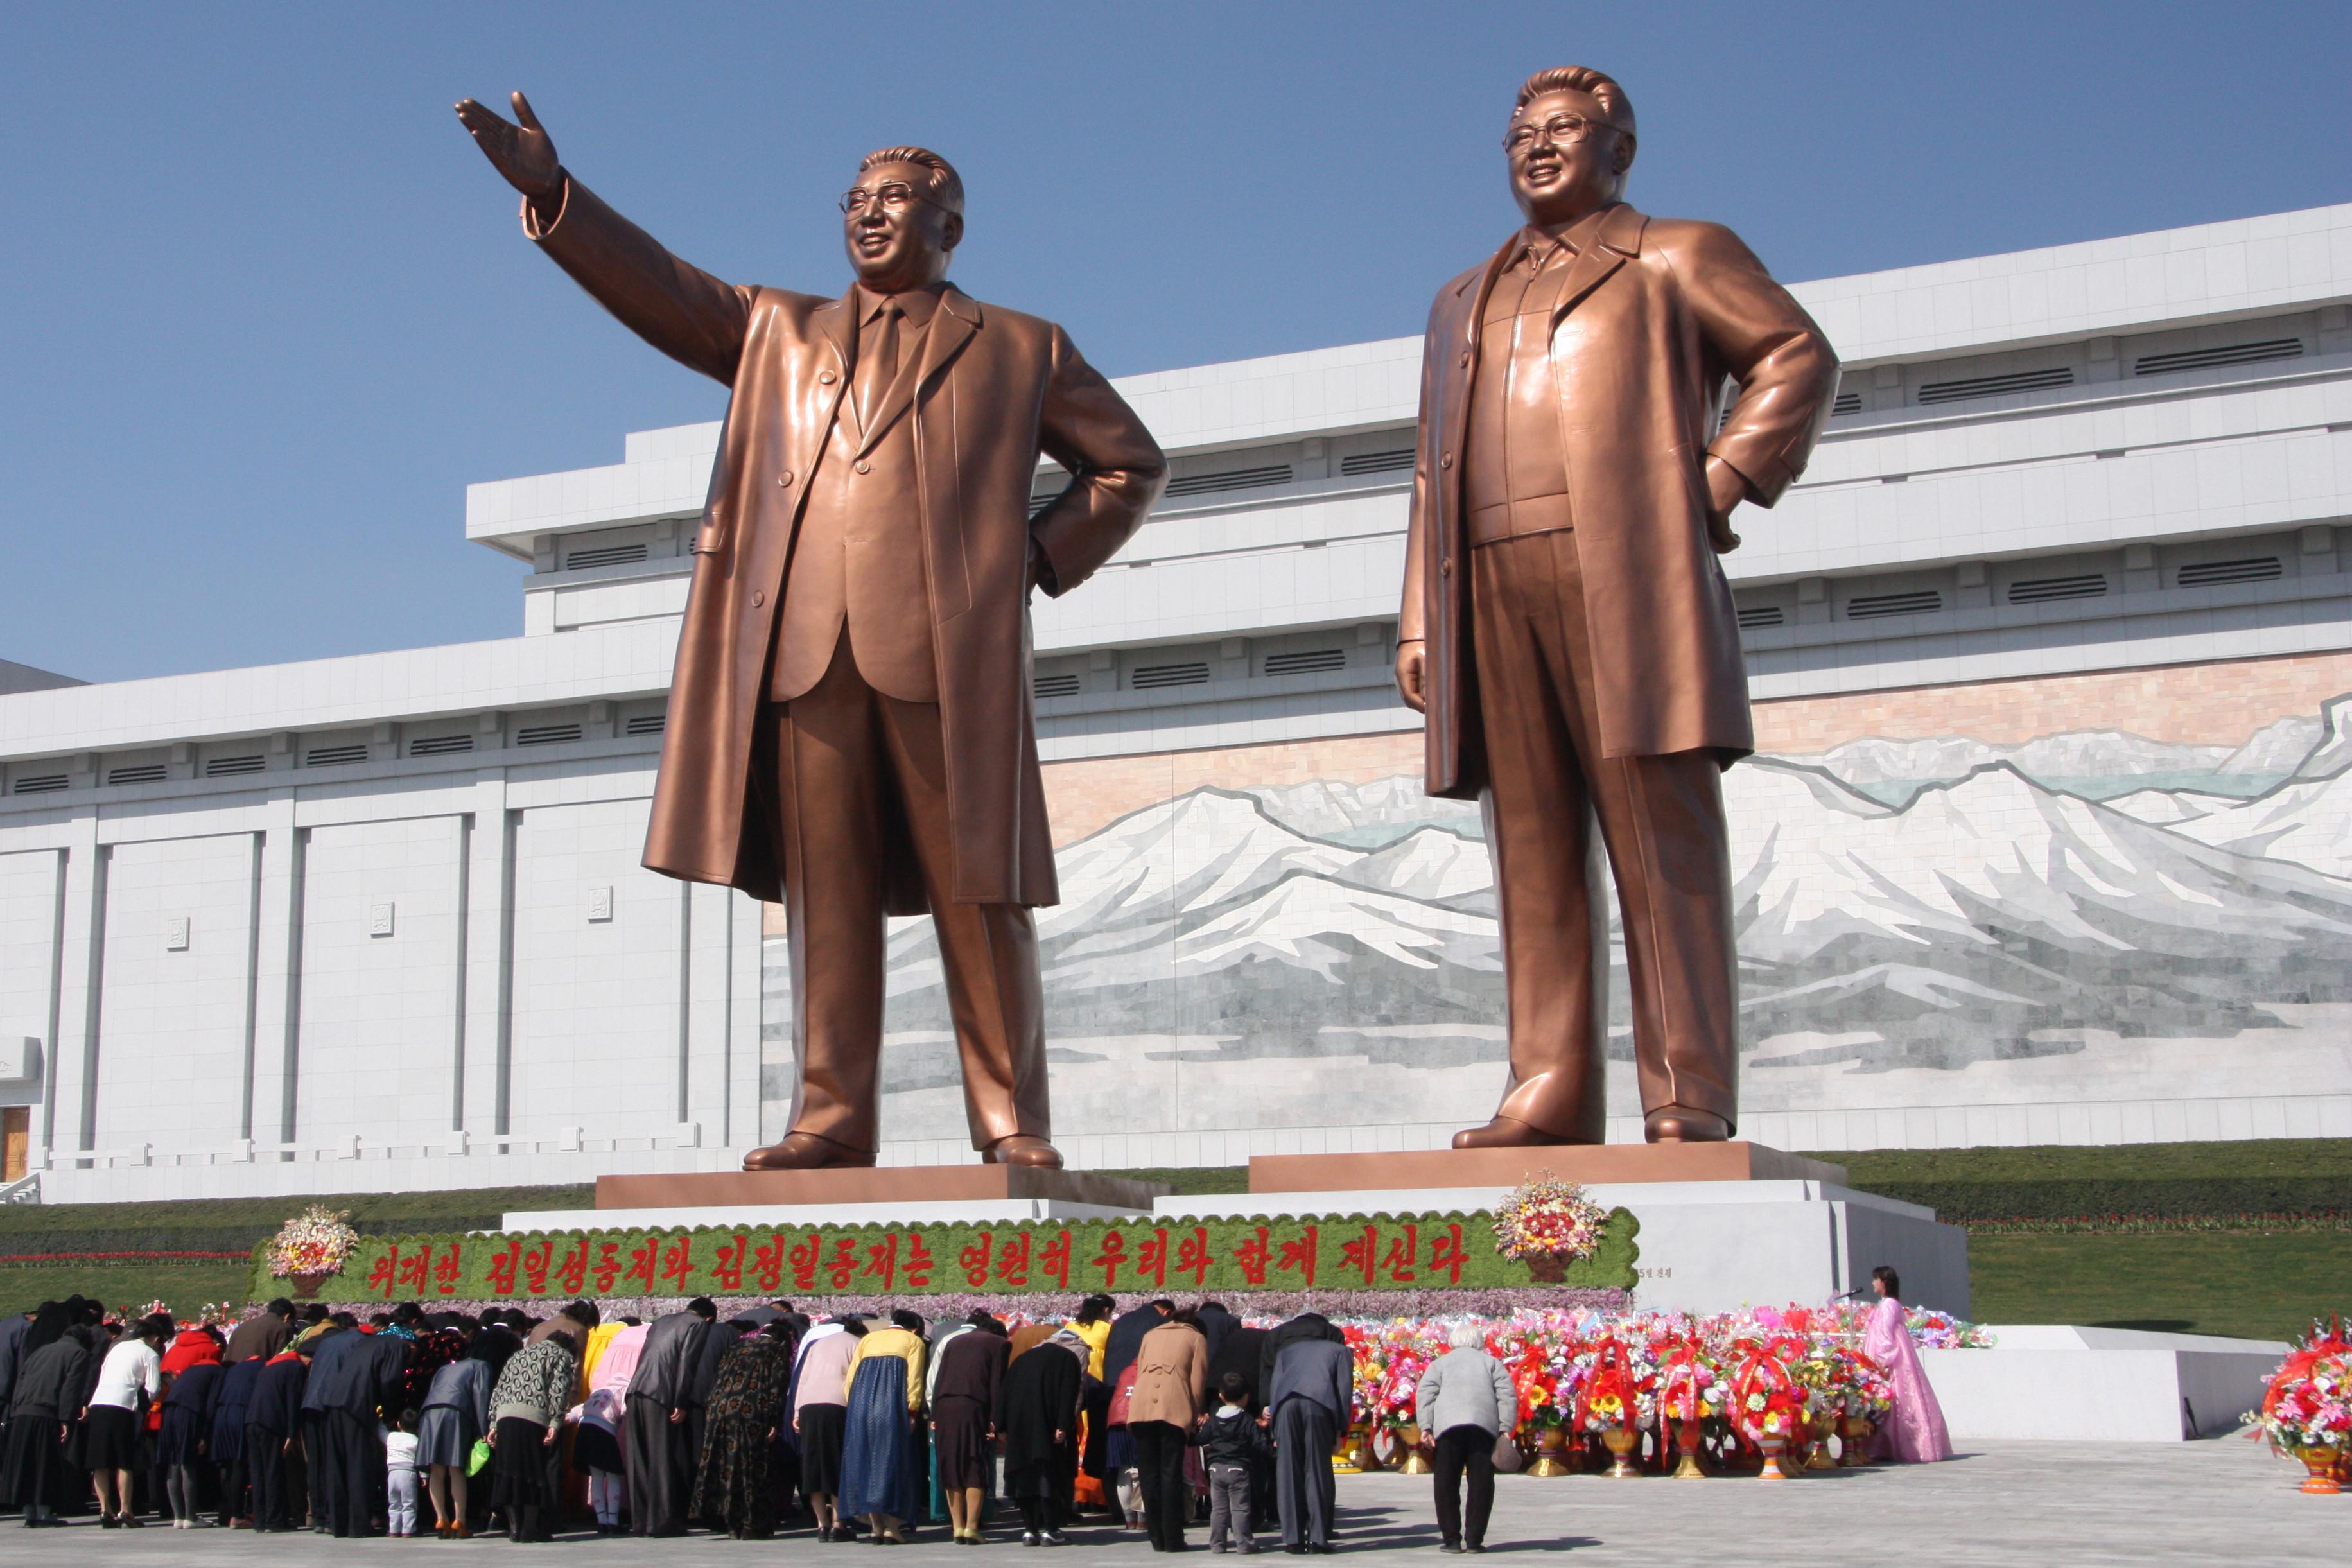 ВКНДР интернет стал доступнее: северокорейцы смогут петь вкараоке